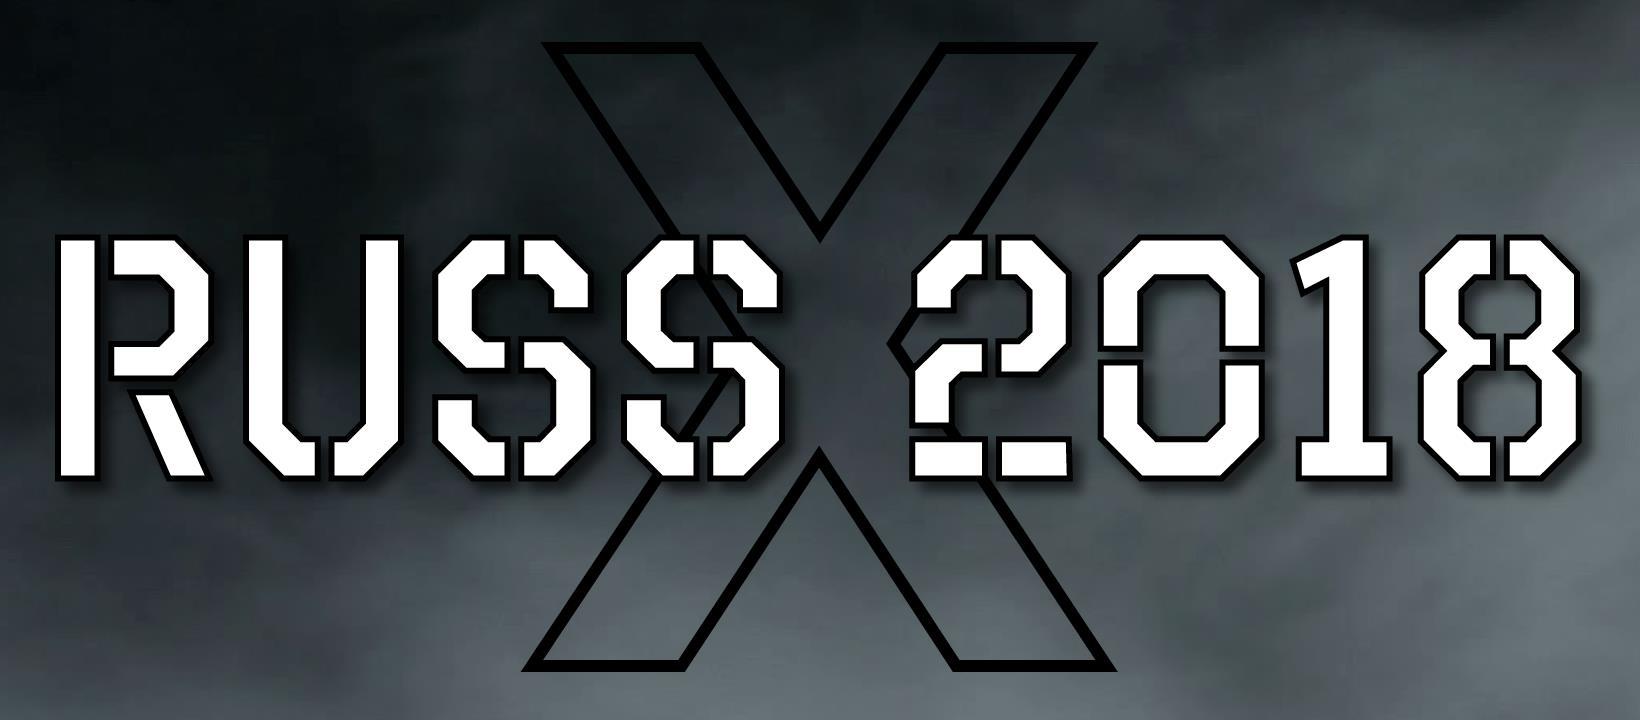 X-RUSS